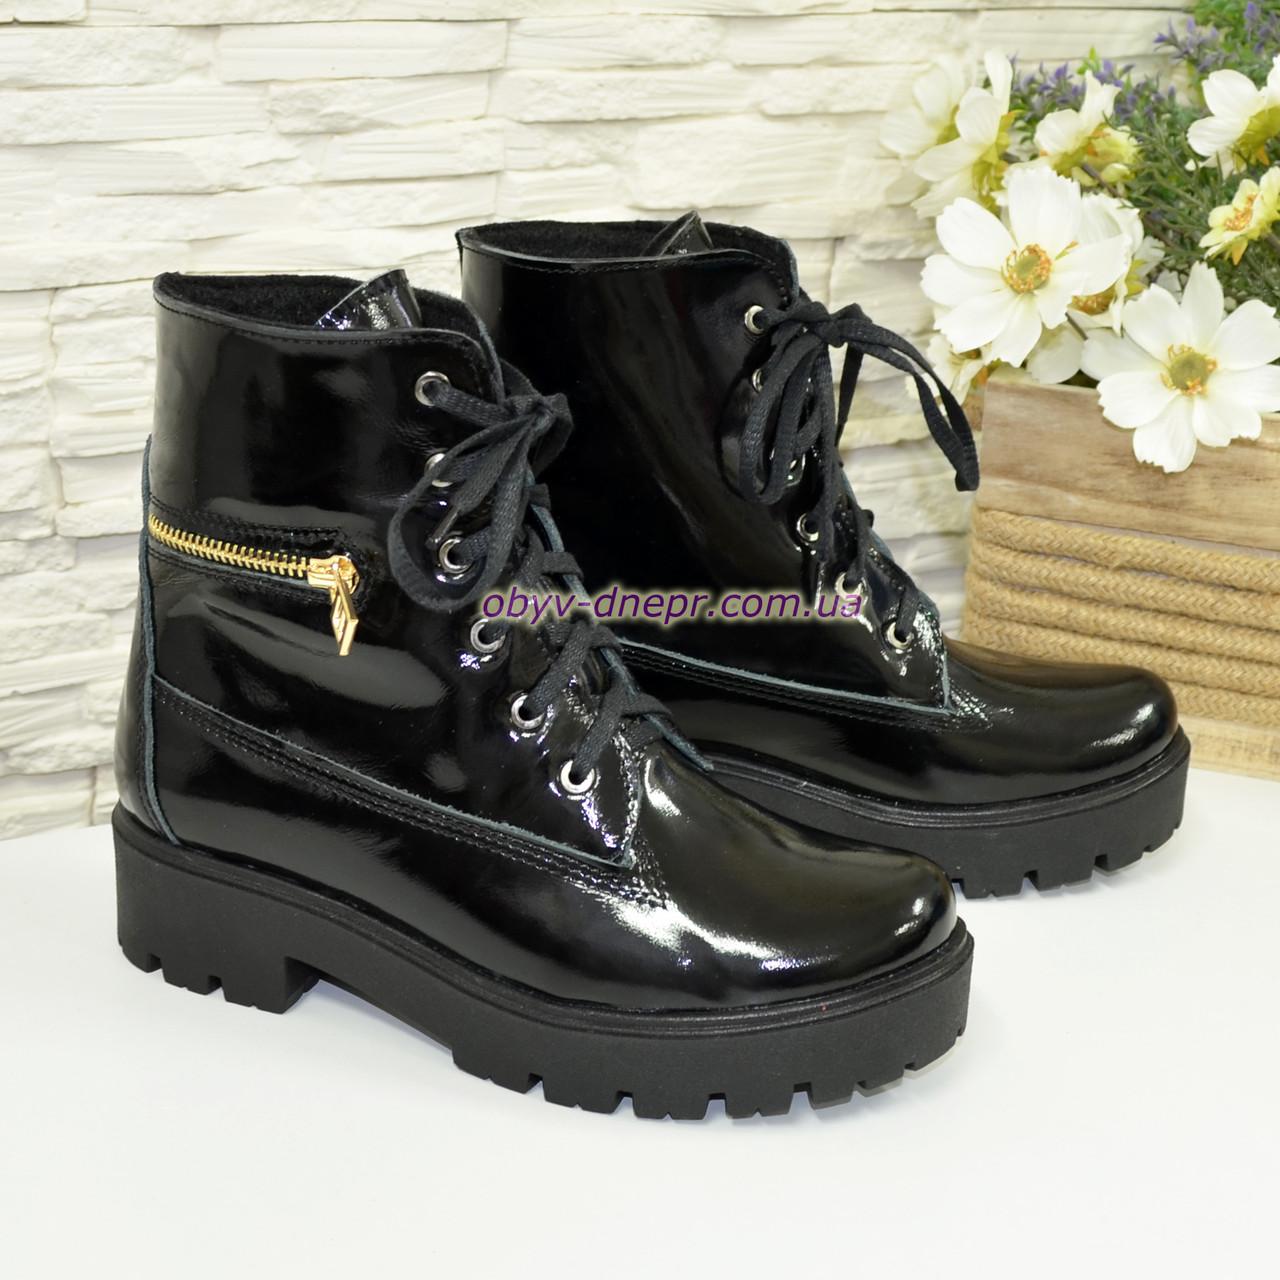 Ботинки женские   лаковые на шнуровке, подошва утолщенная